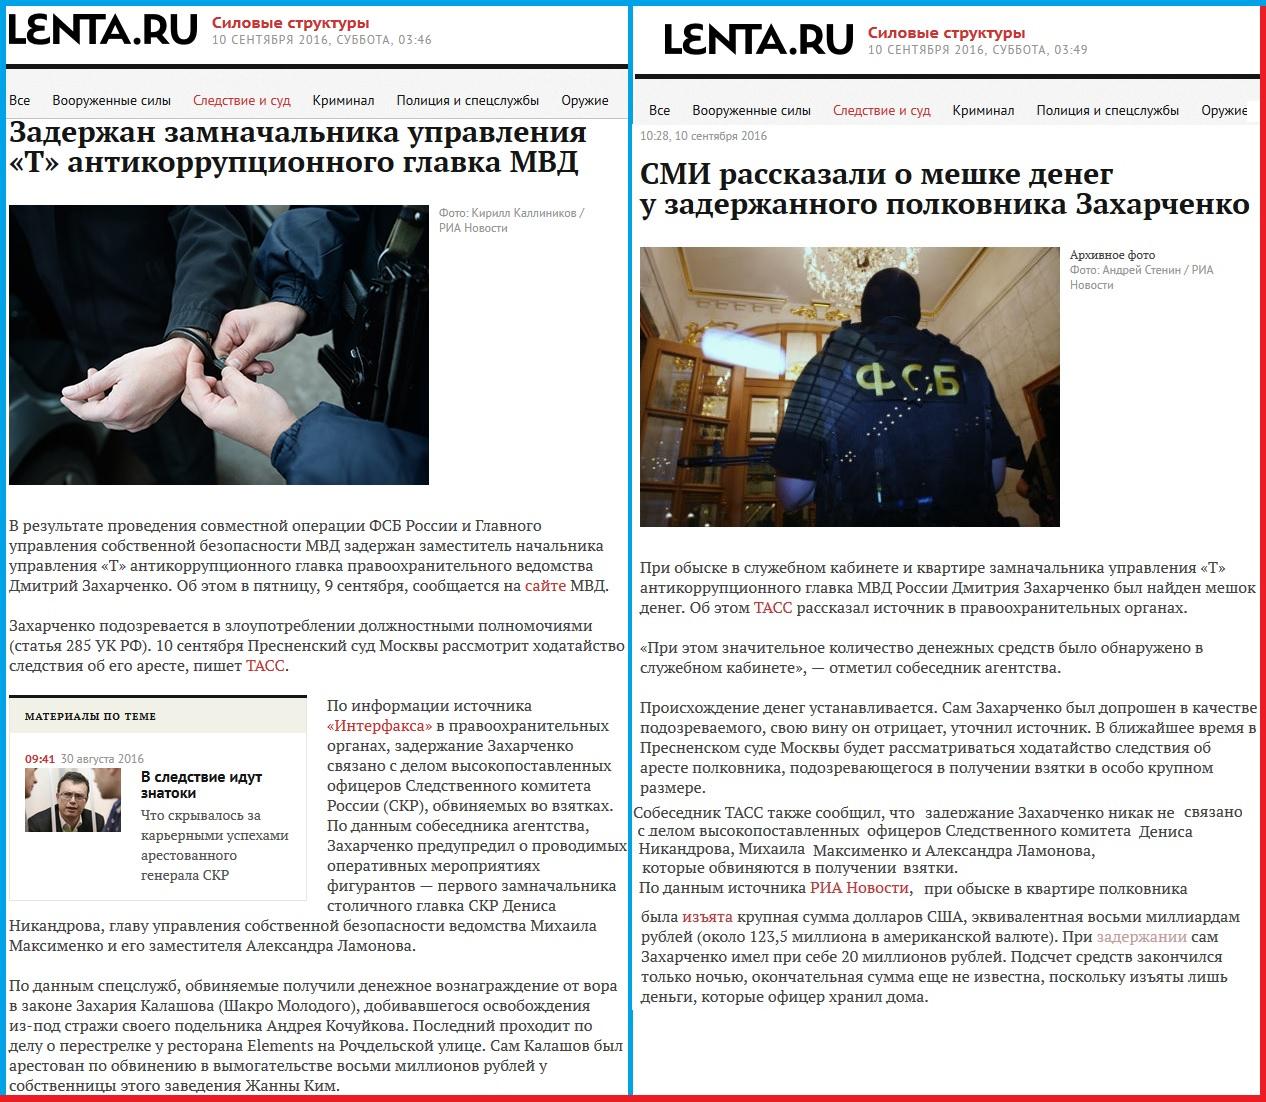 У полковника Захарченко московской полиции нашли дома 123 миллиона долларов(восемь миллиардов рублей)